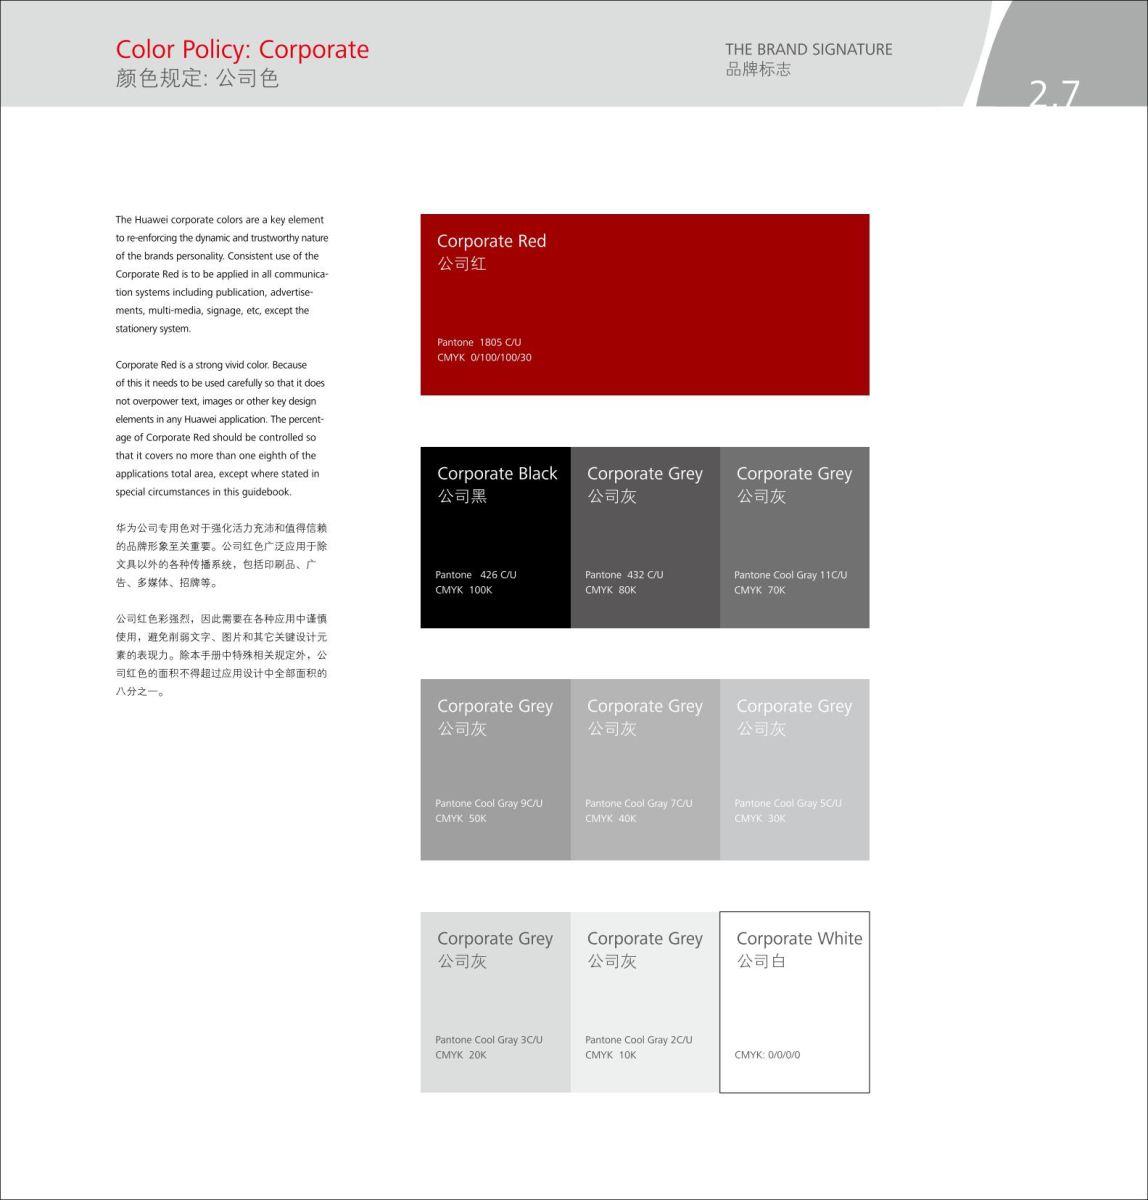 品牌vi设计手册,深圳品牌设计